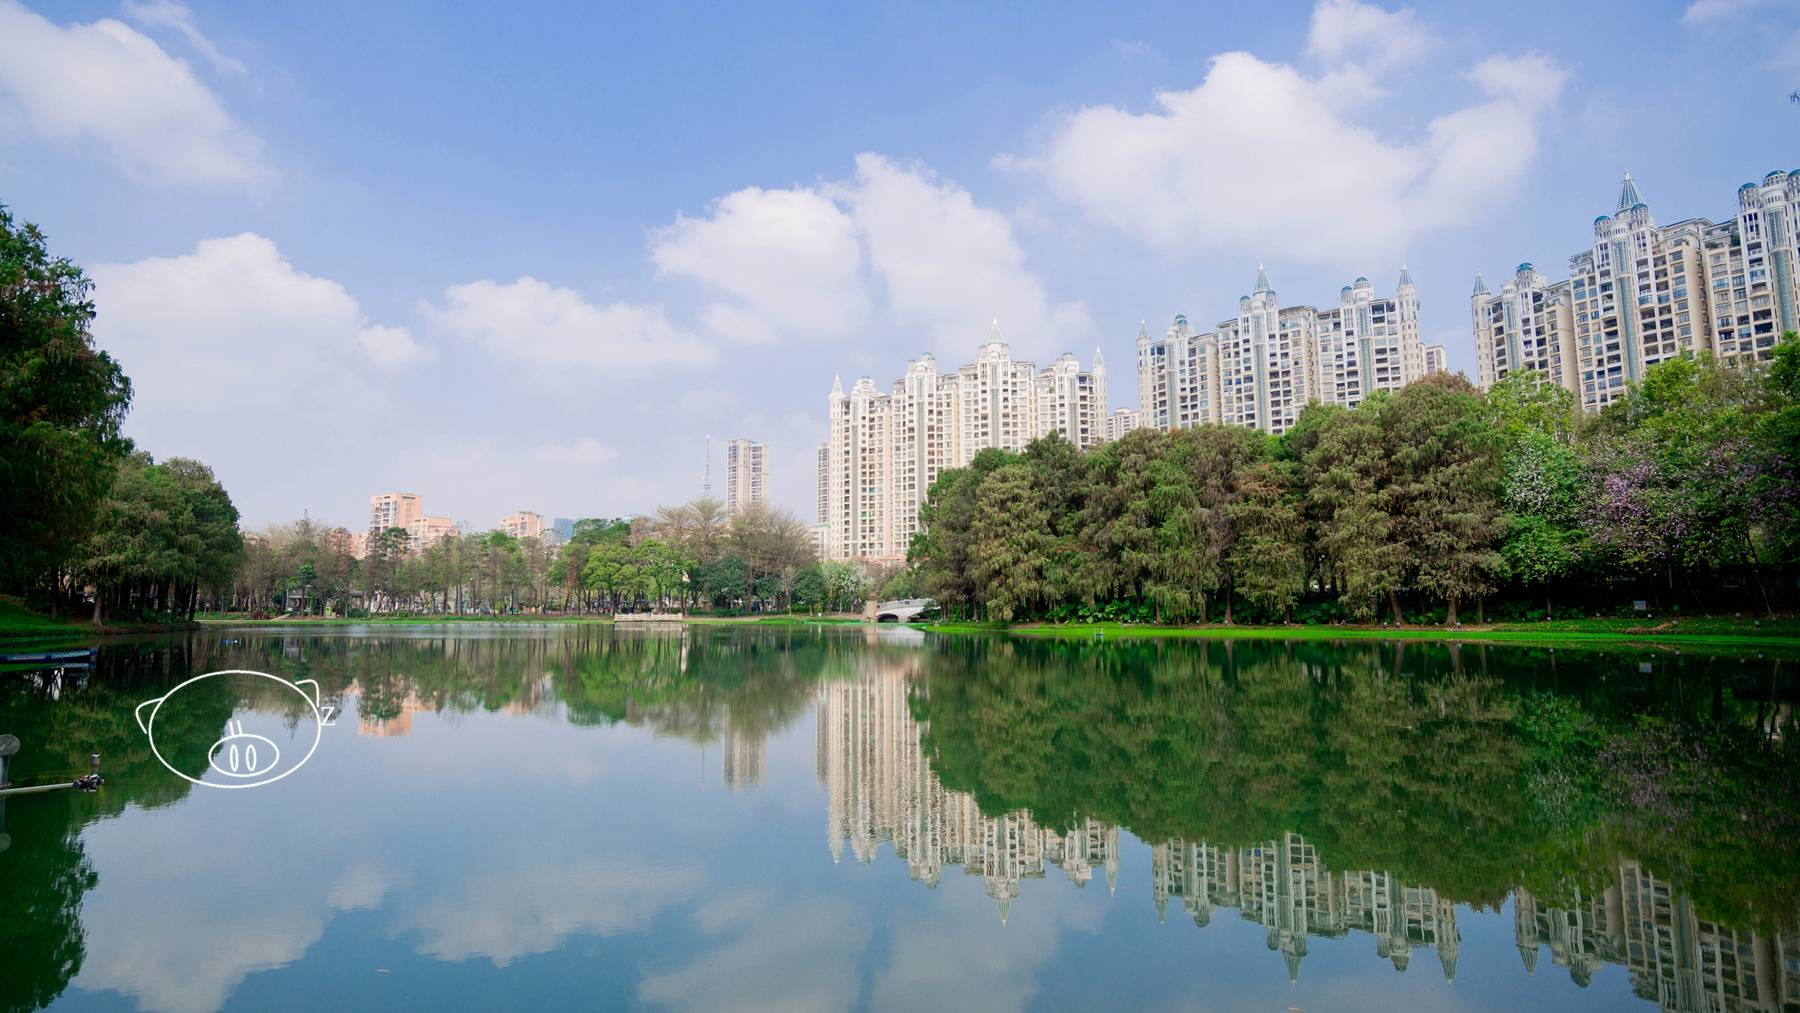 佛山|城中绿地,市民散步休闲好去处,亚艺公园